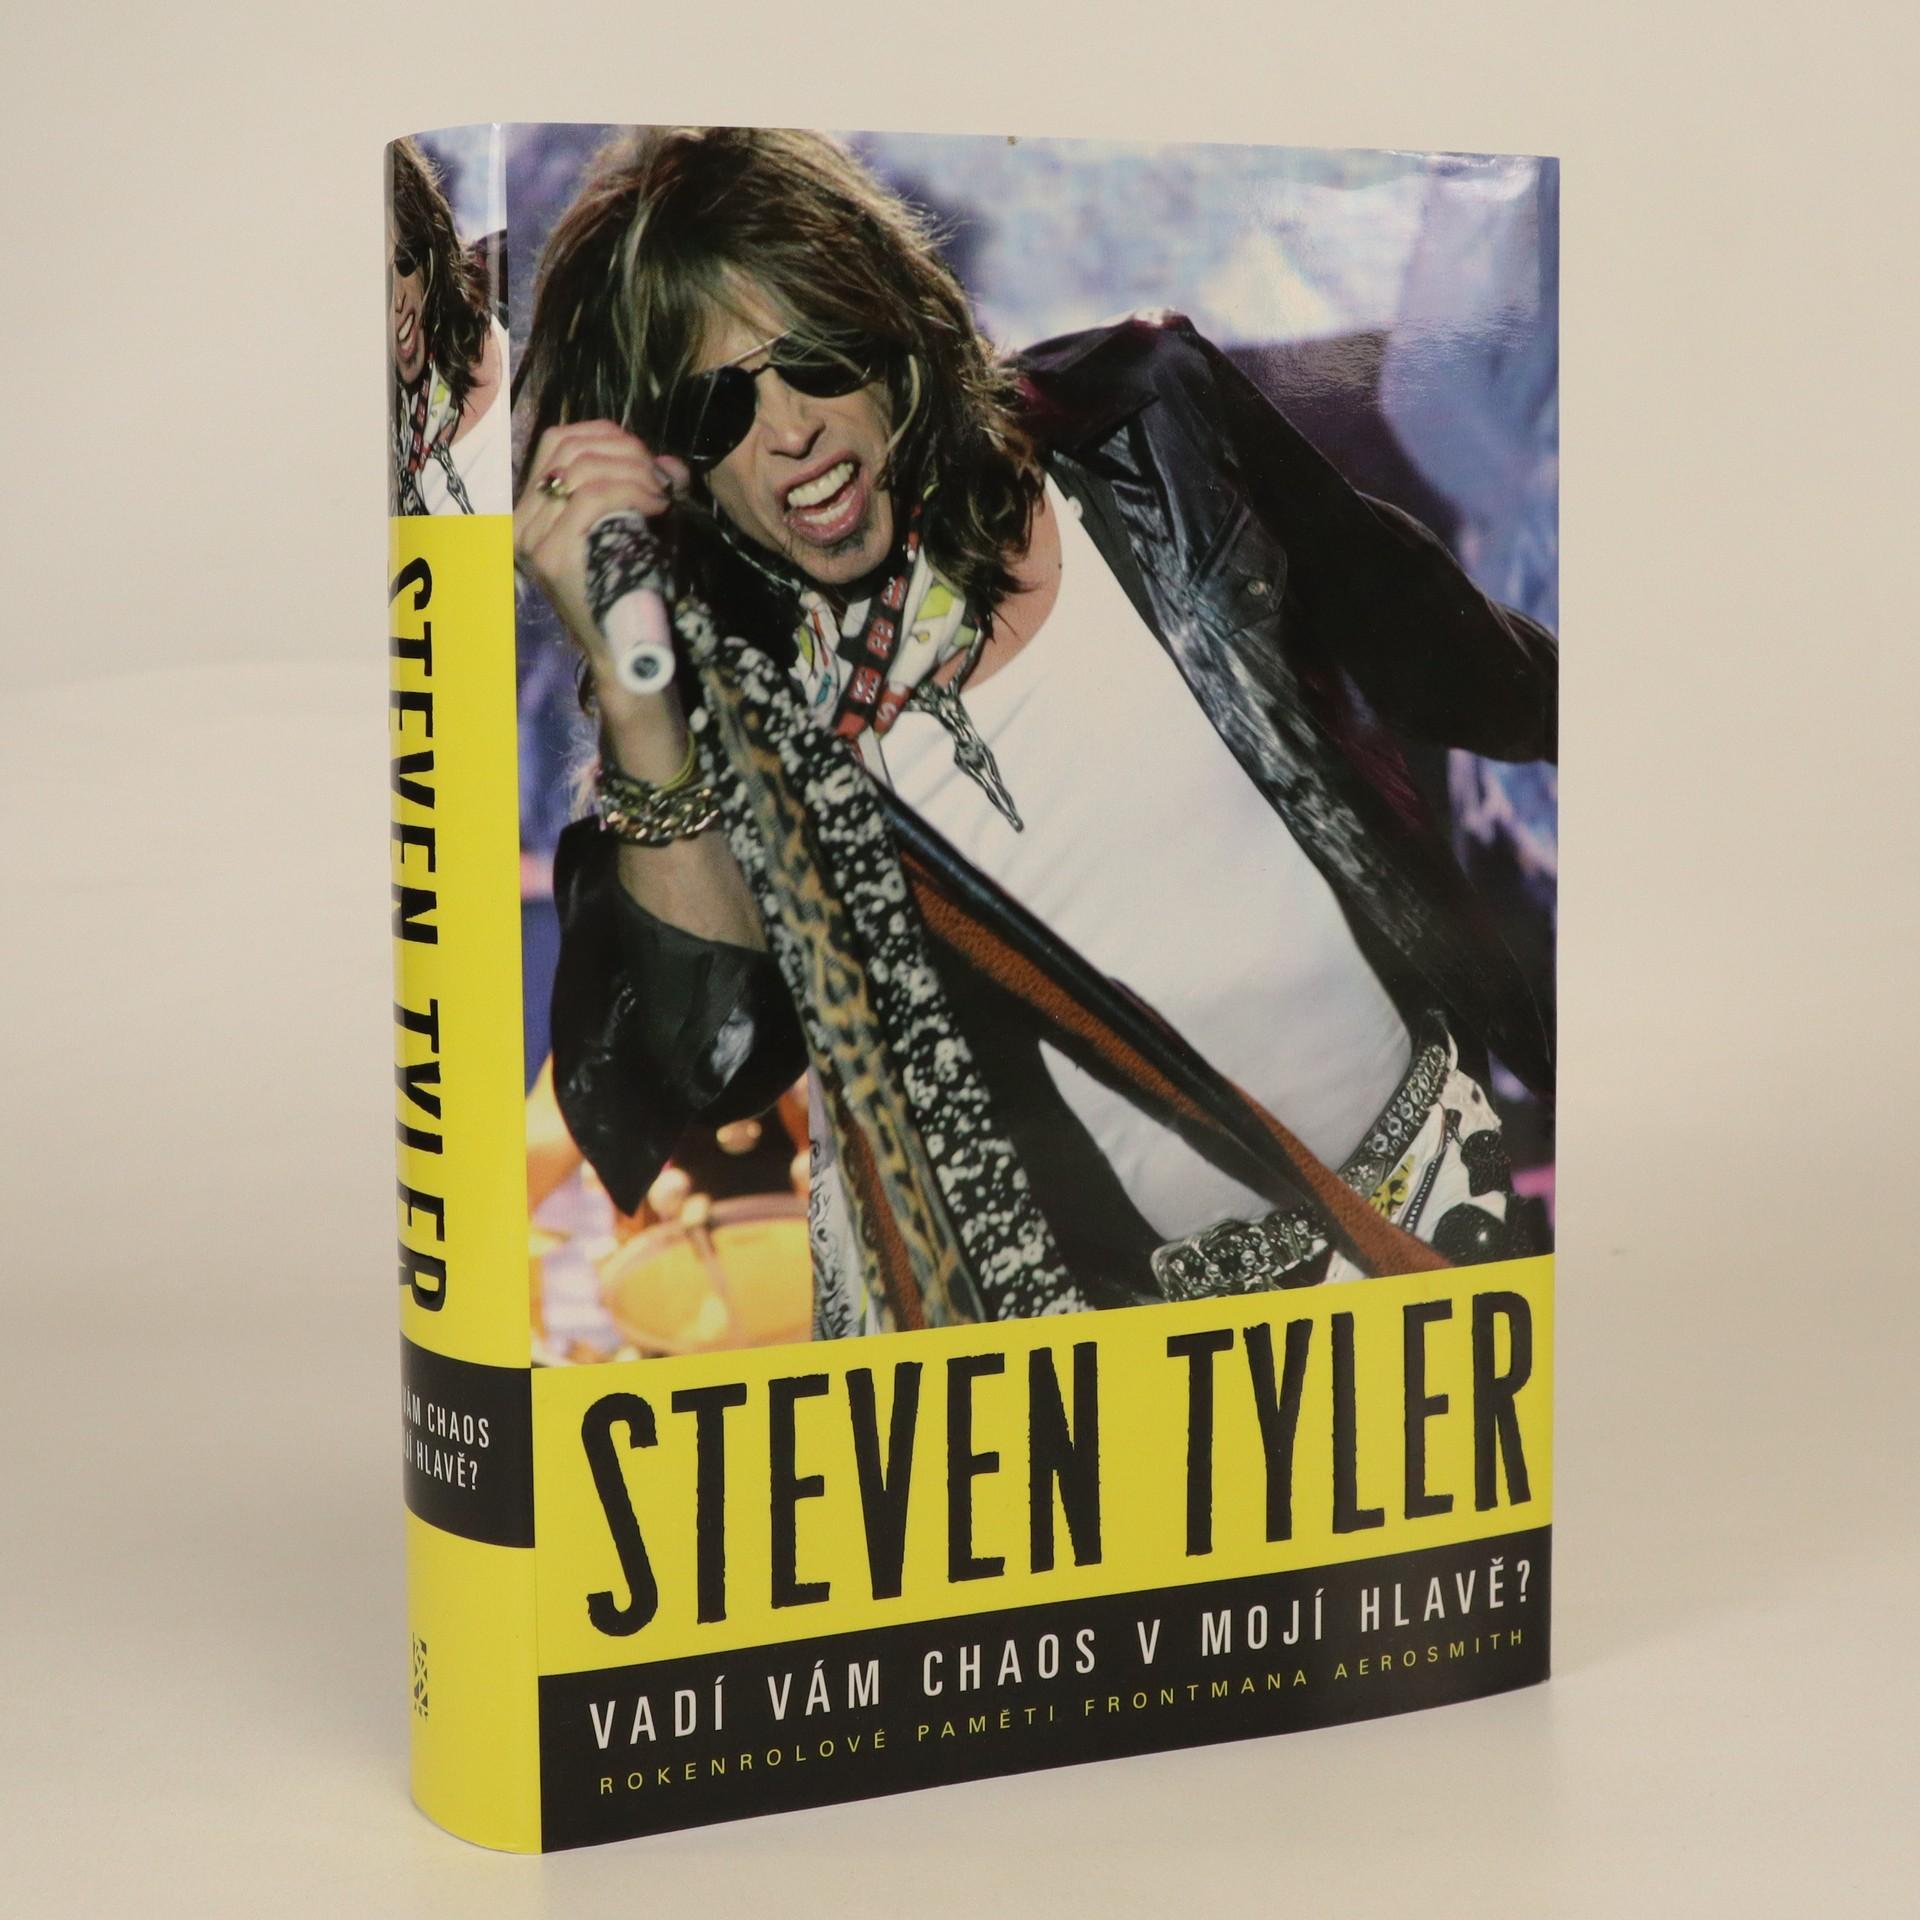 antikvární kniha Vadí vám chaos v mojí hlavě? Rokenrolové paměti frontmana Aerosmith, 2012